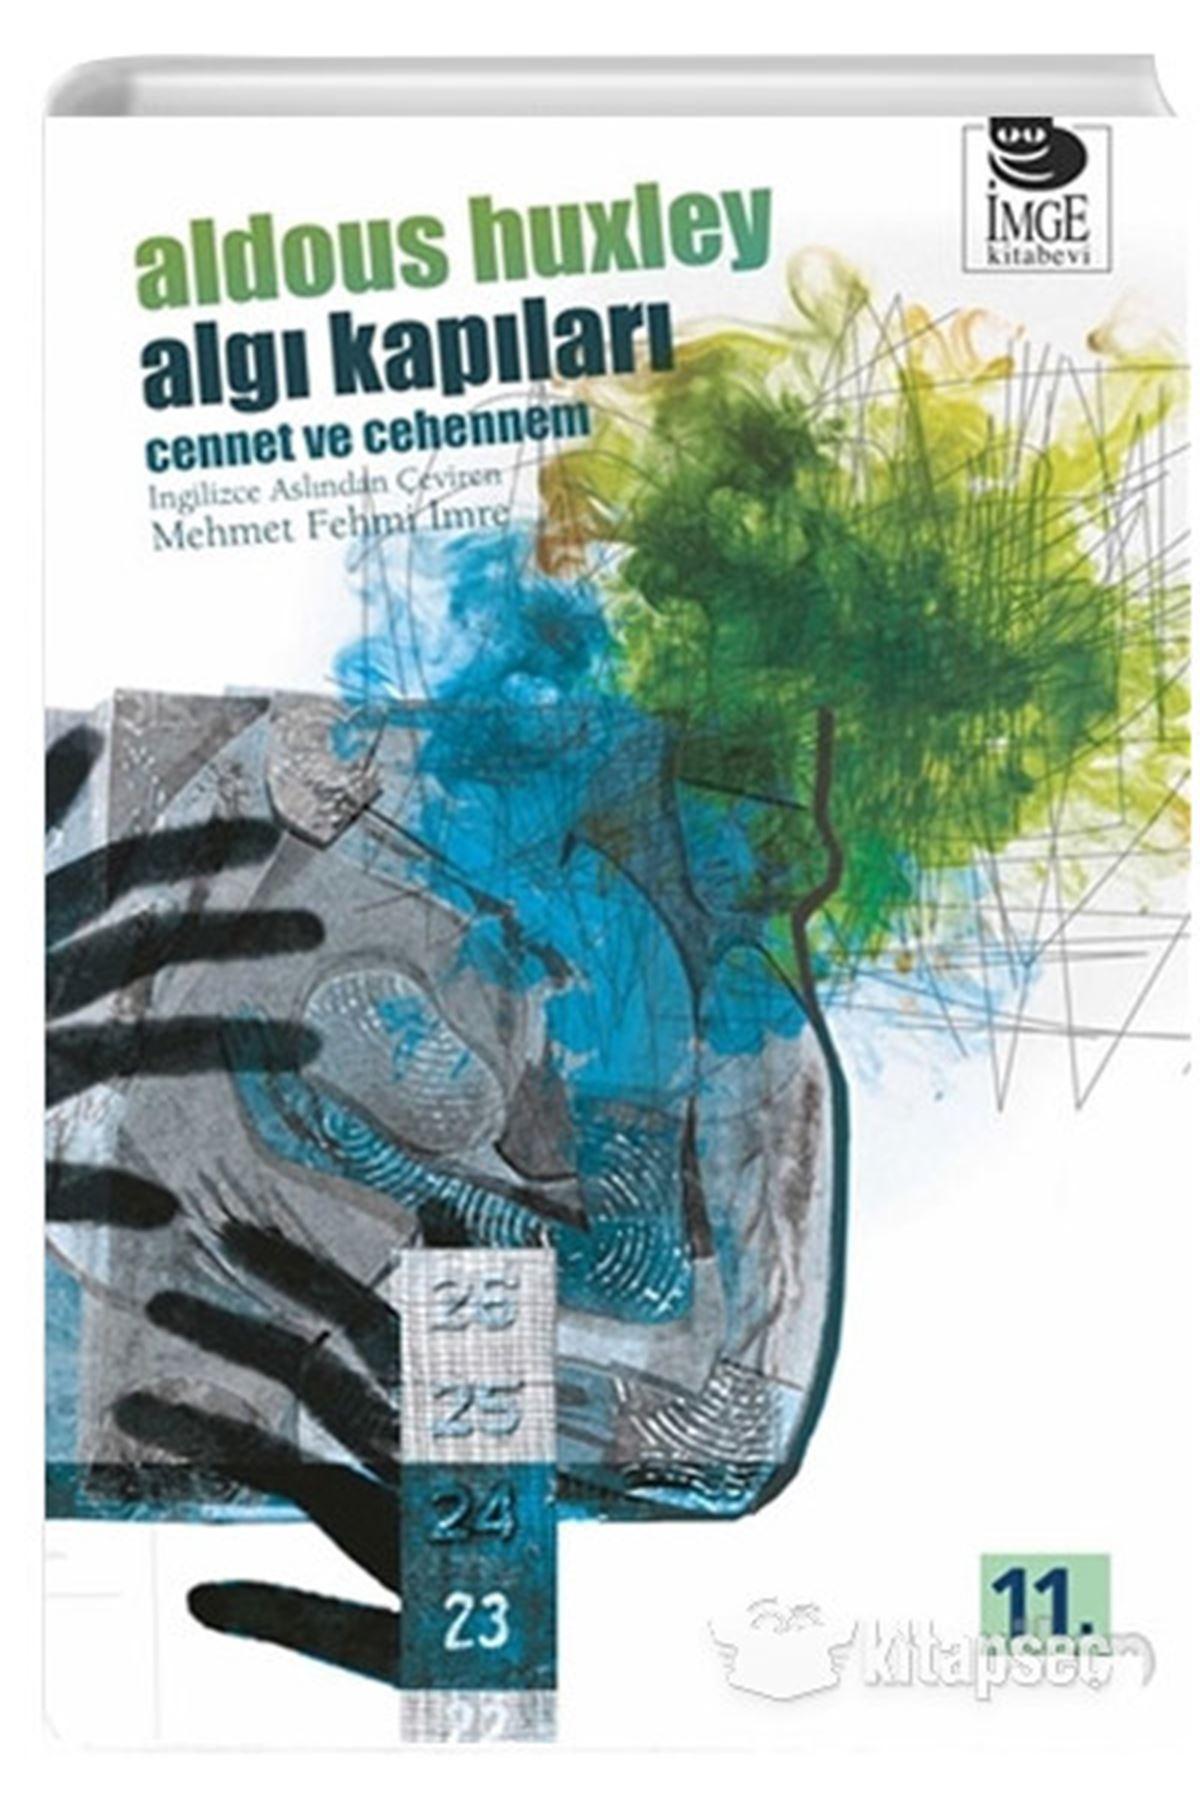 ALDOUS HUXLEY - ALGI KAPILARI